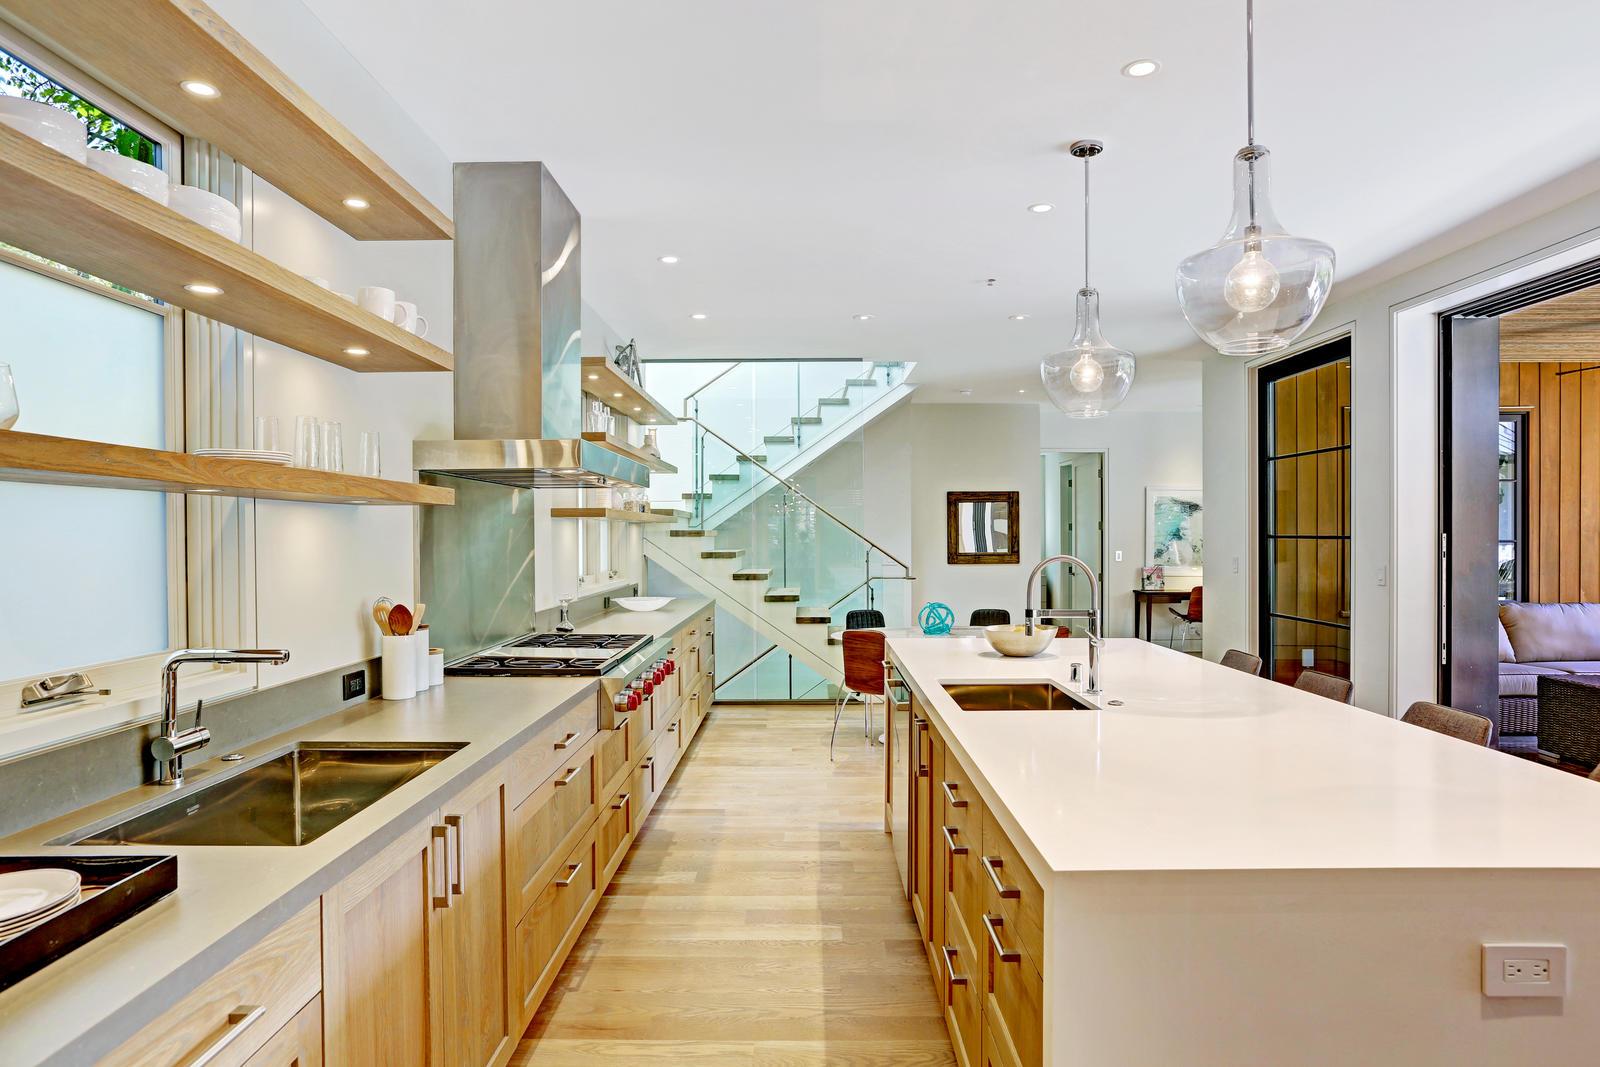 215Alexander_kitchen28.jpg